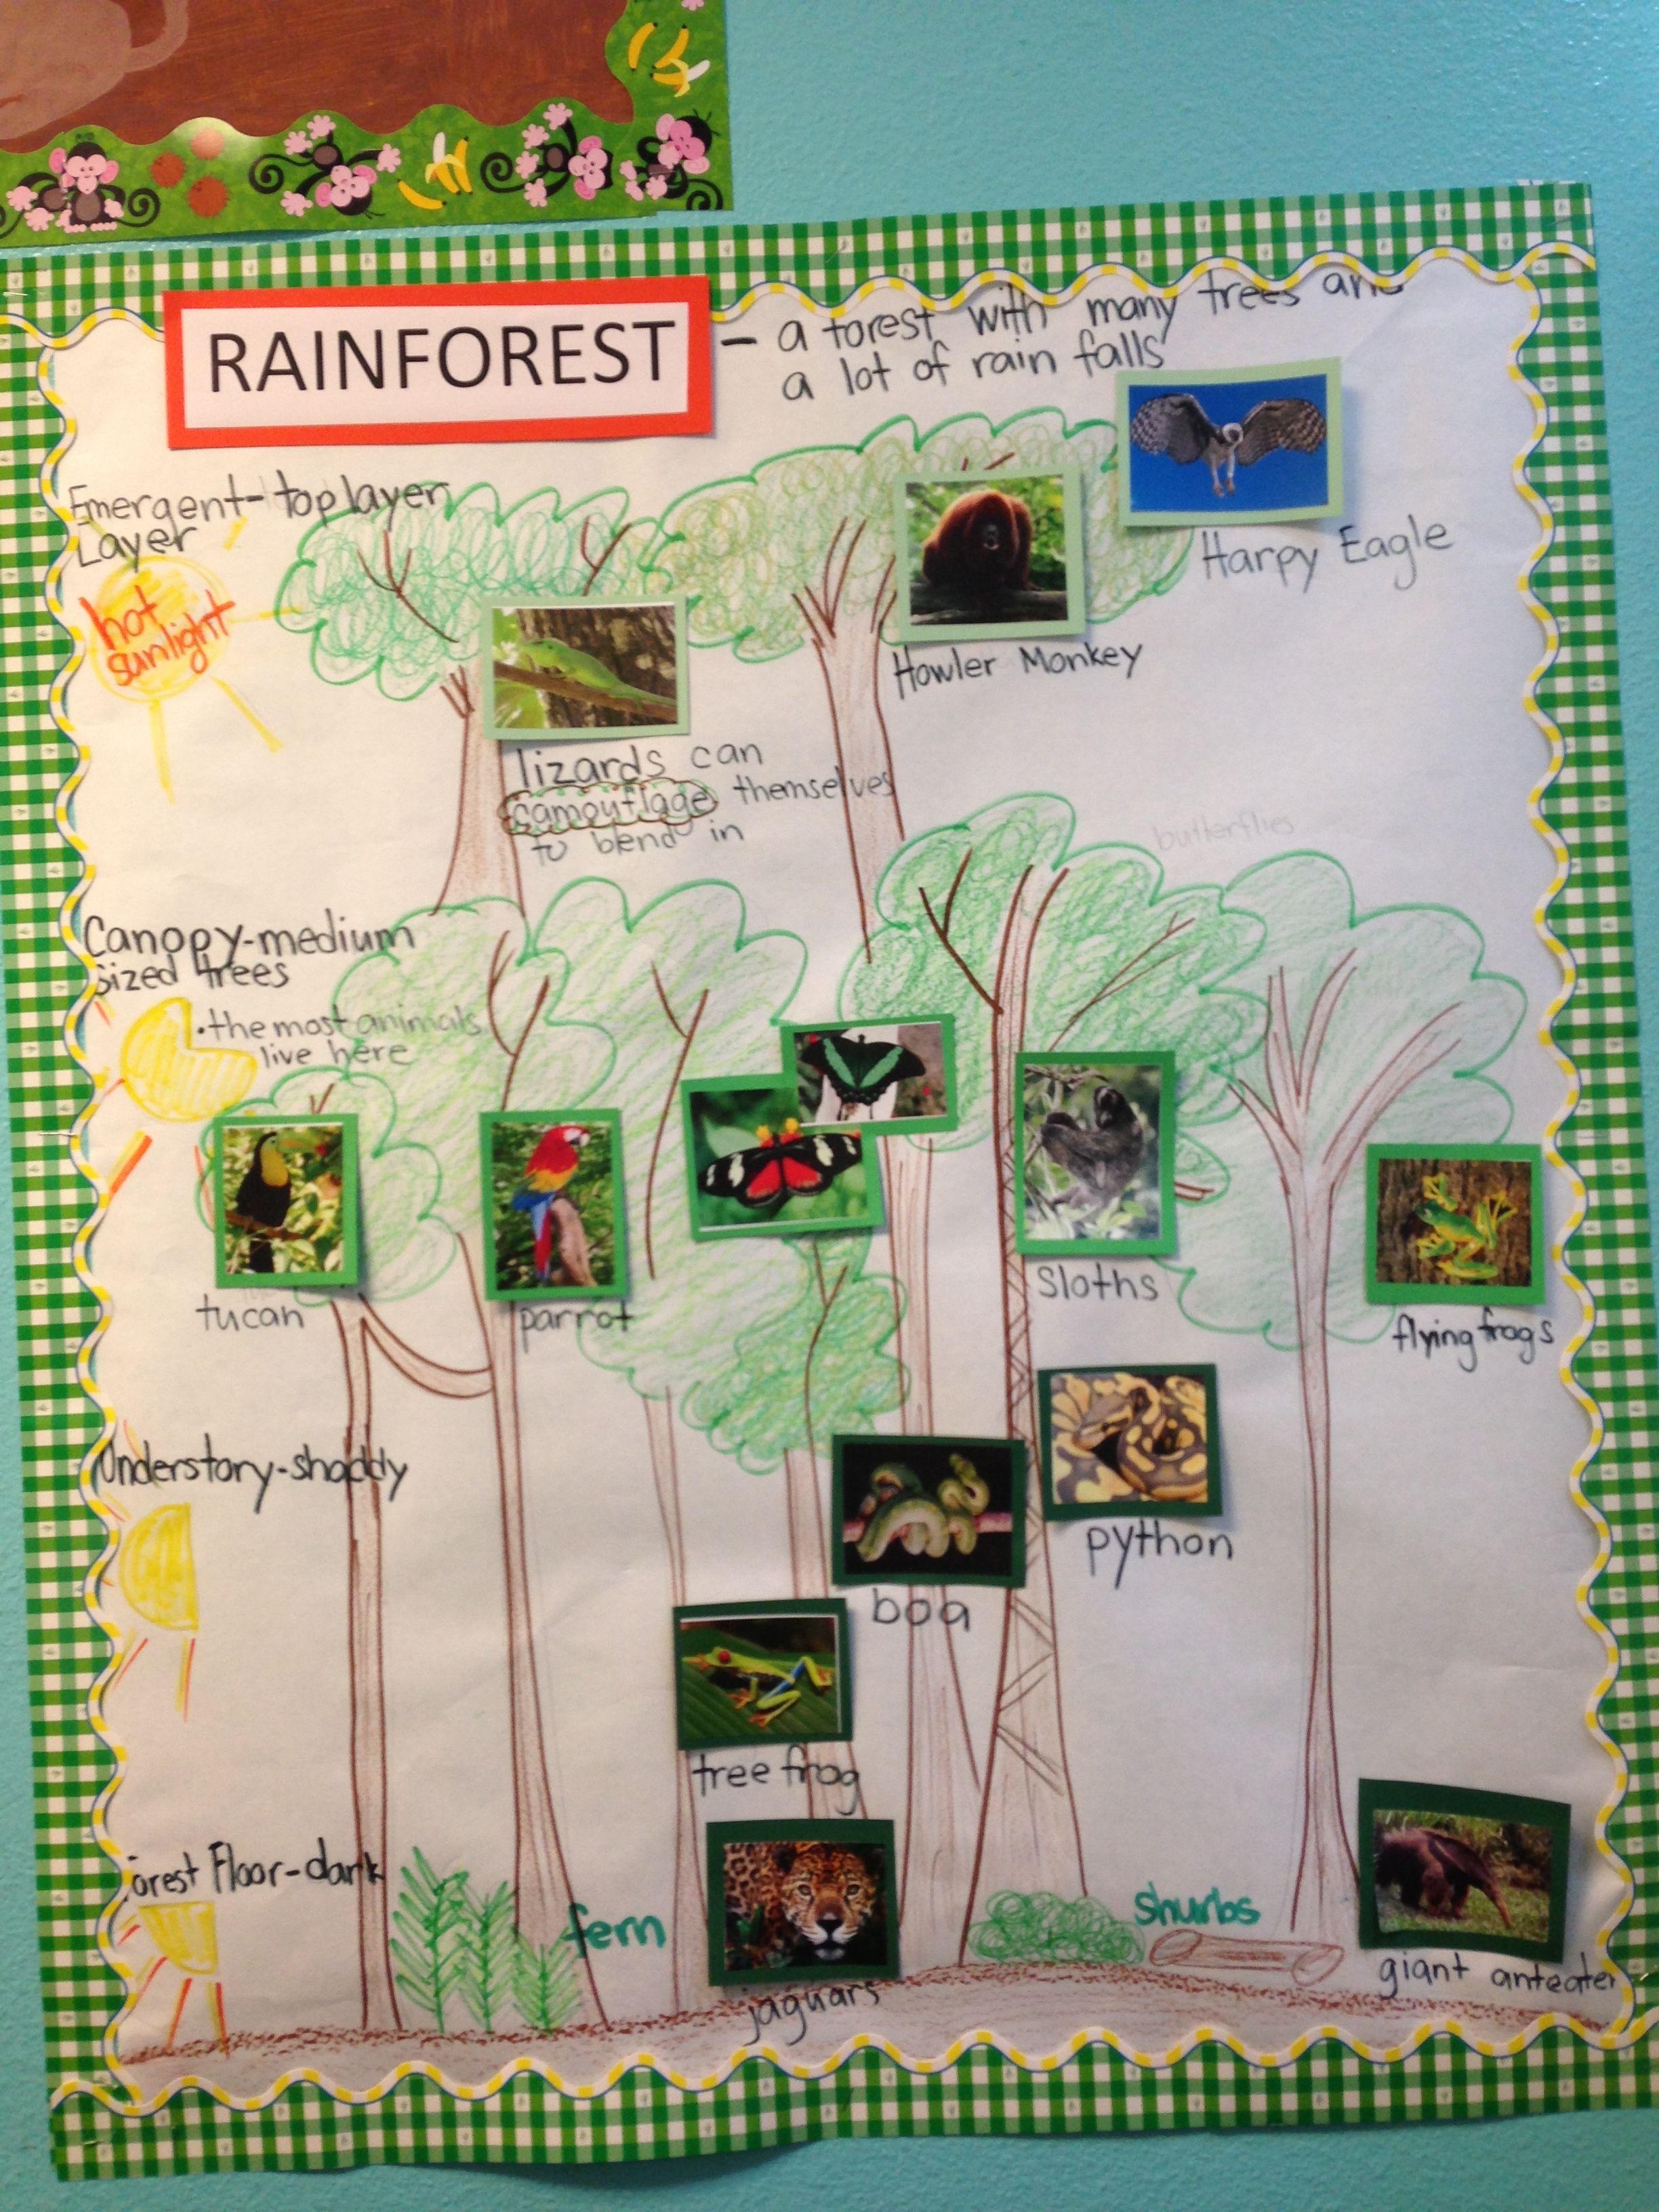 Rainforest Habitat Pictorial  Diagram  Input  This Concept By G L A D Introduces Tough